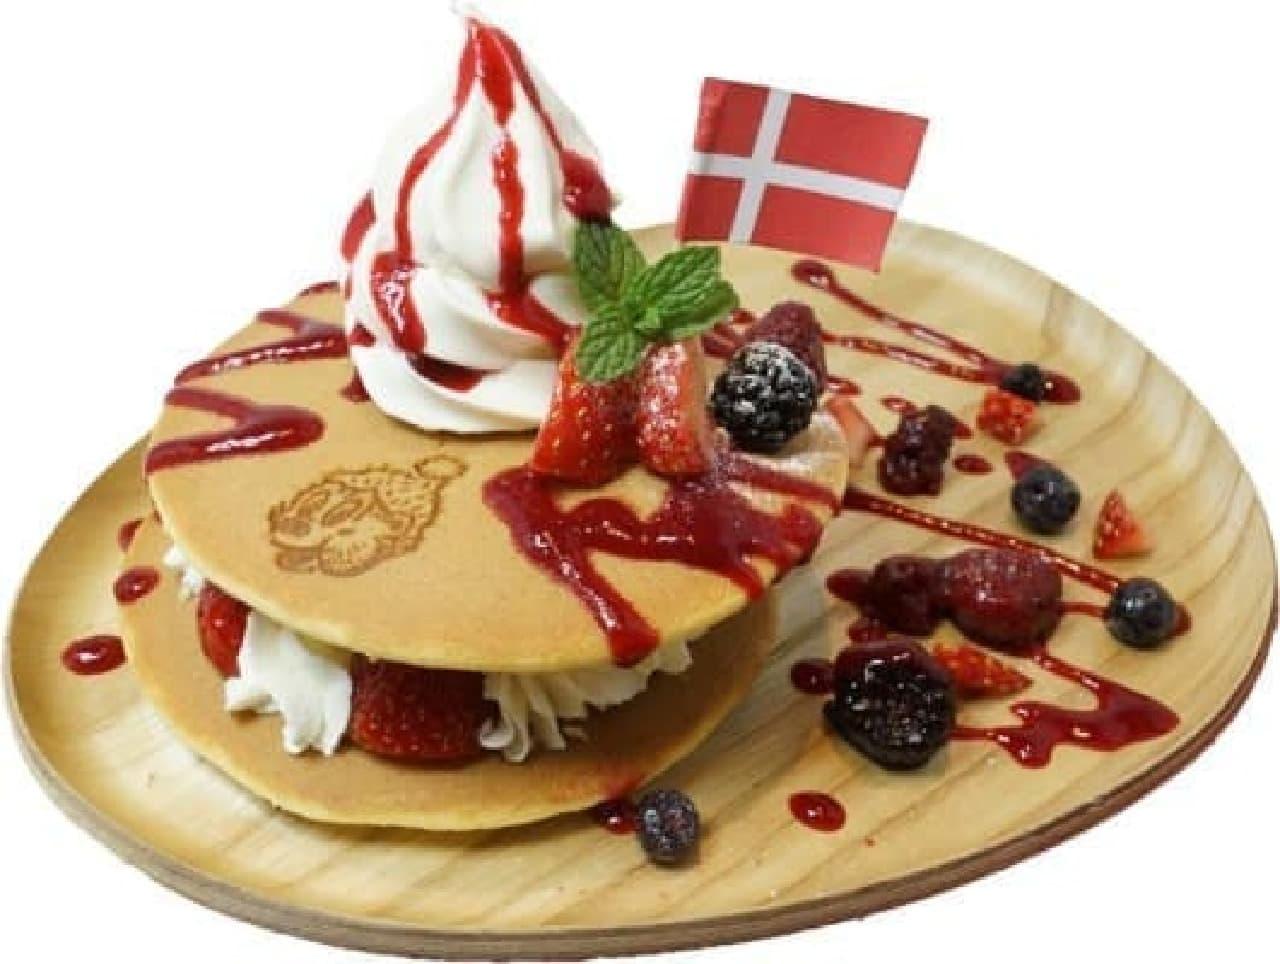 「ラスムス クルンプ カフェ」柏にオープン!  画像メニューは「ミックス ベリー アンド ソフトクリーム パンケーキ」